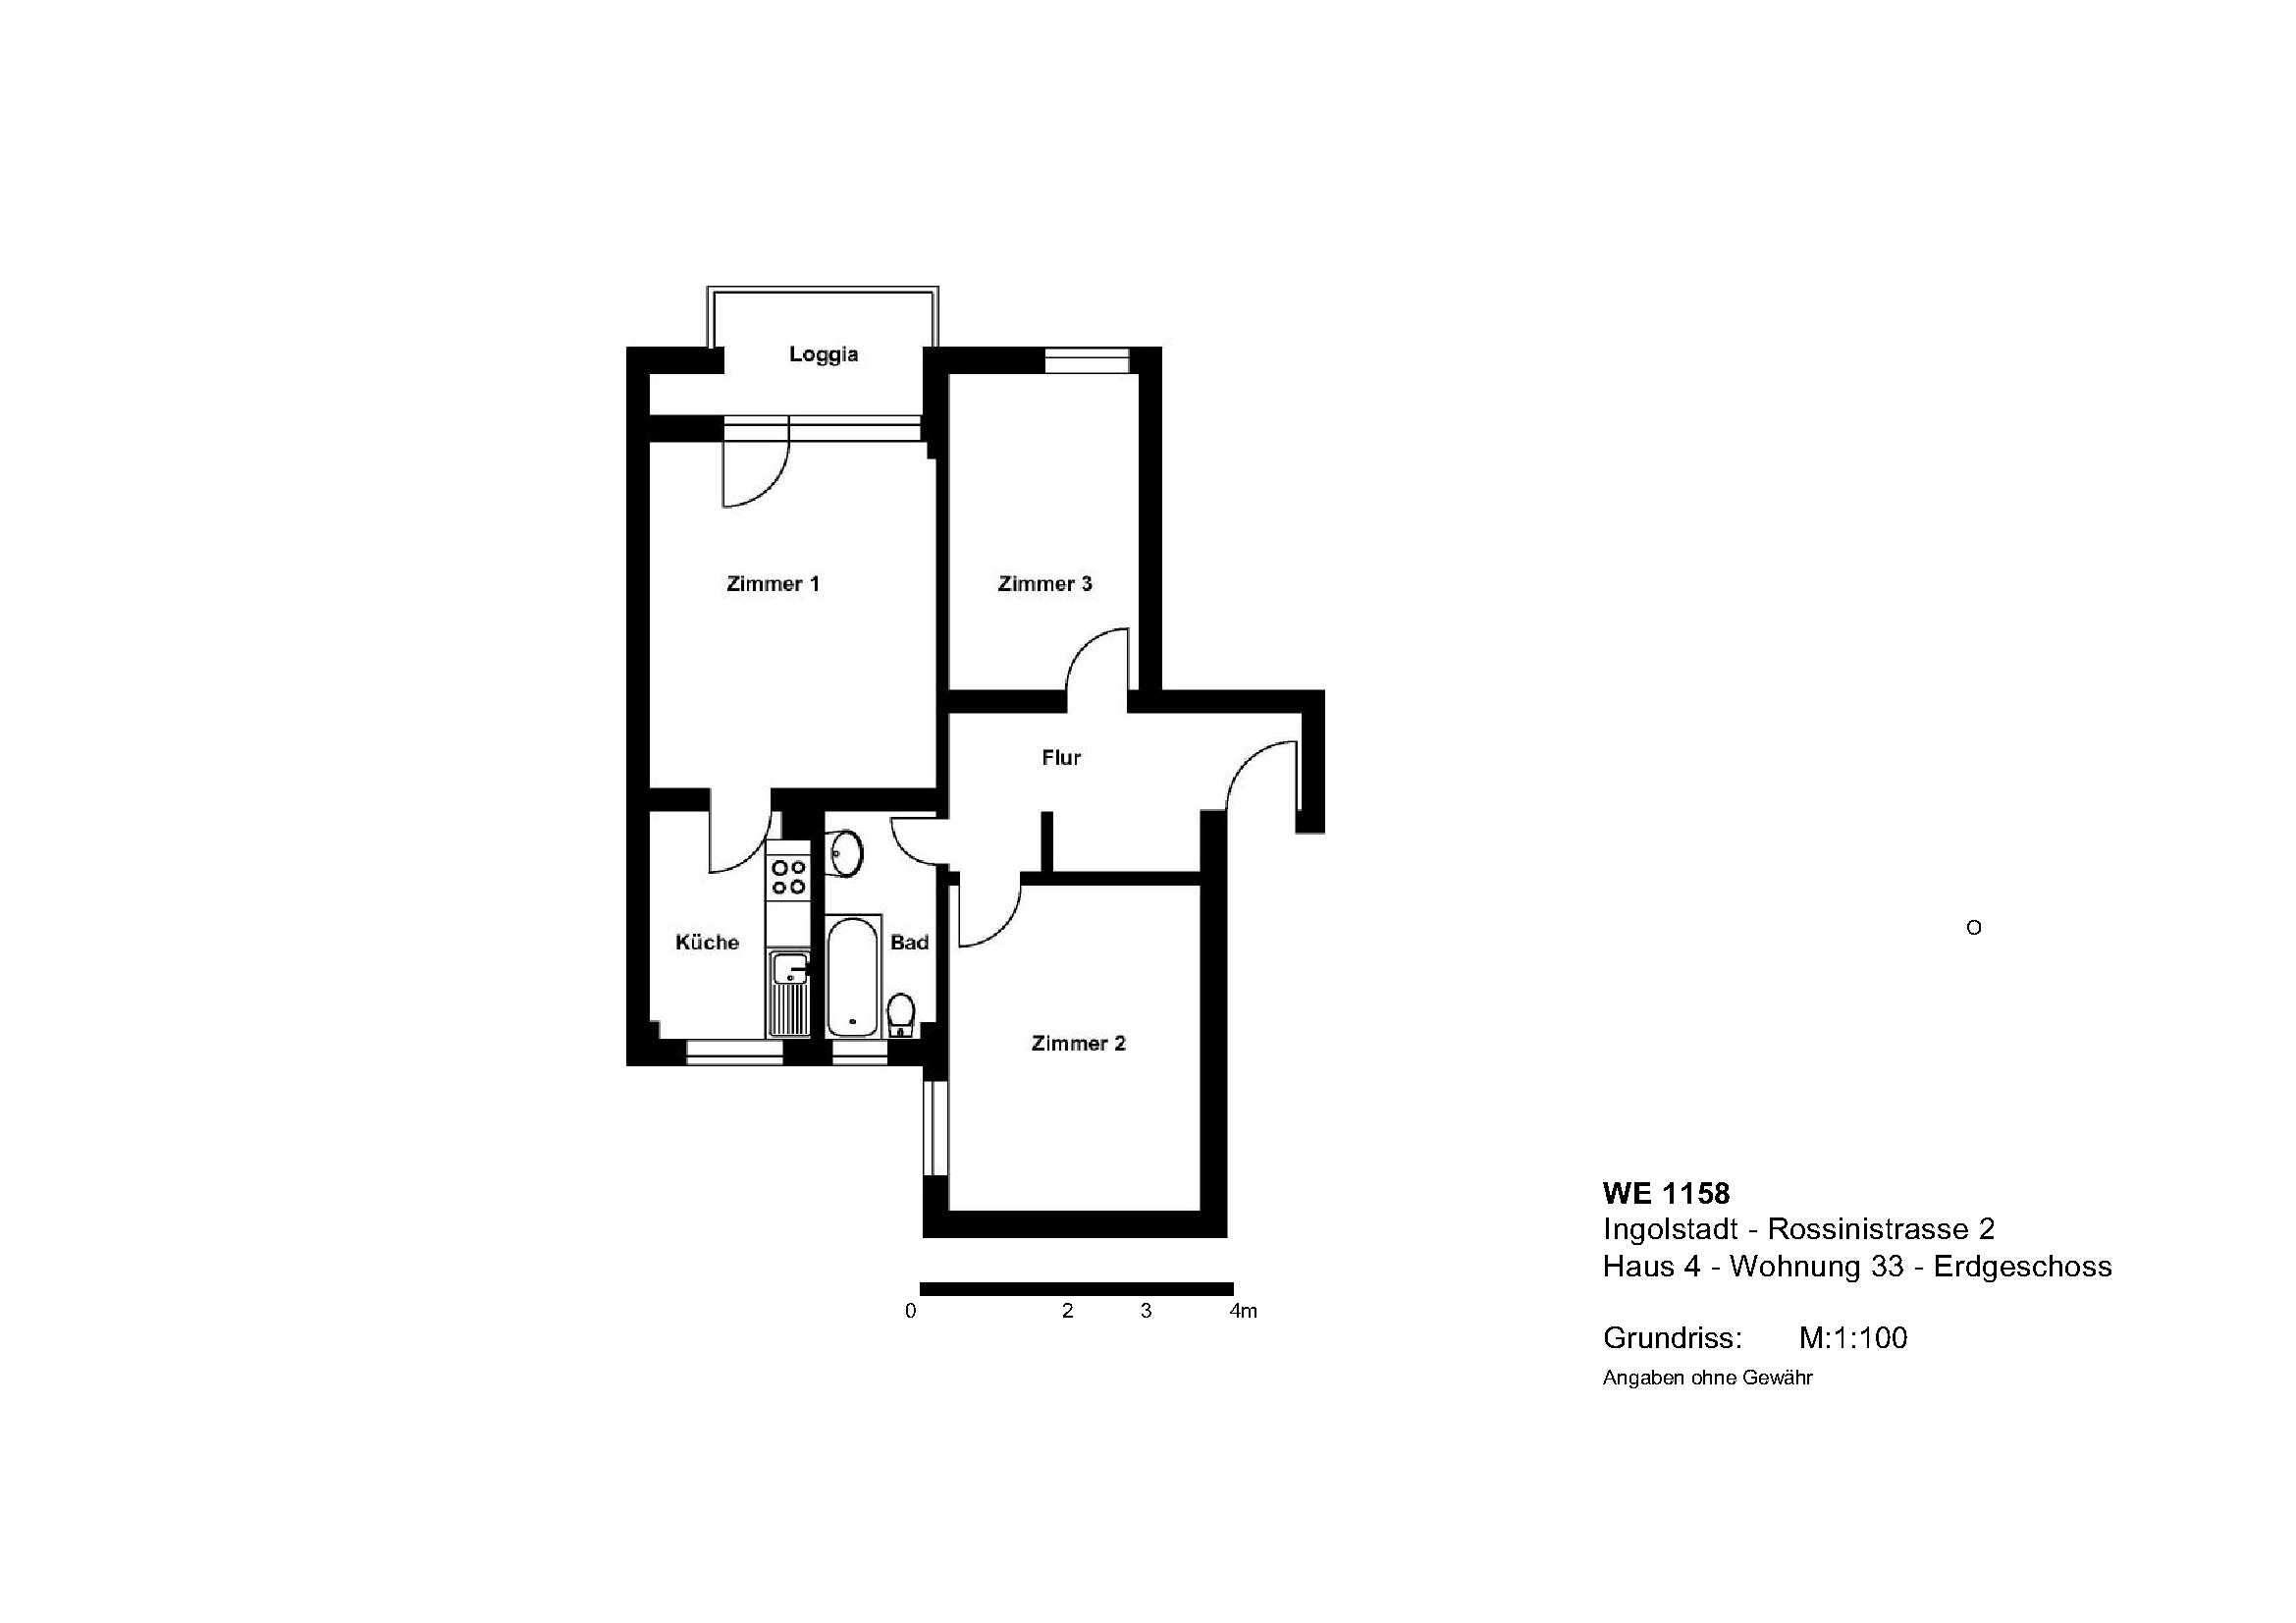 Ab 01.04.2020 - 3-Zimmerwohnung mit Loggia + Tageslichtbad in Nordwest